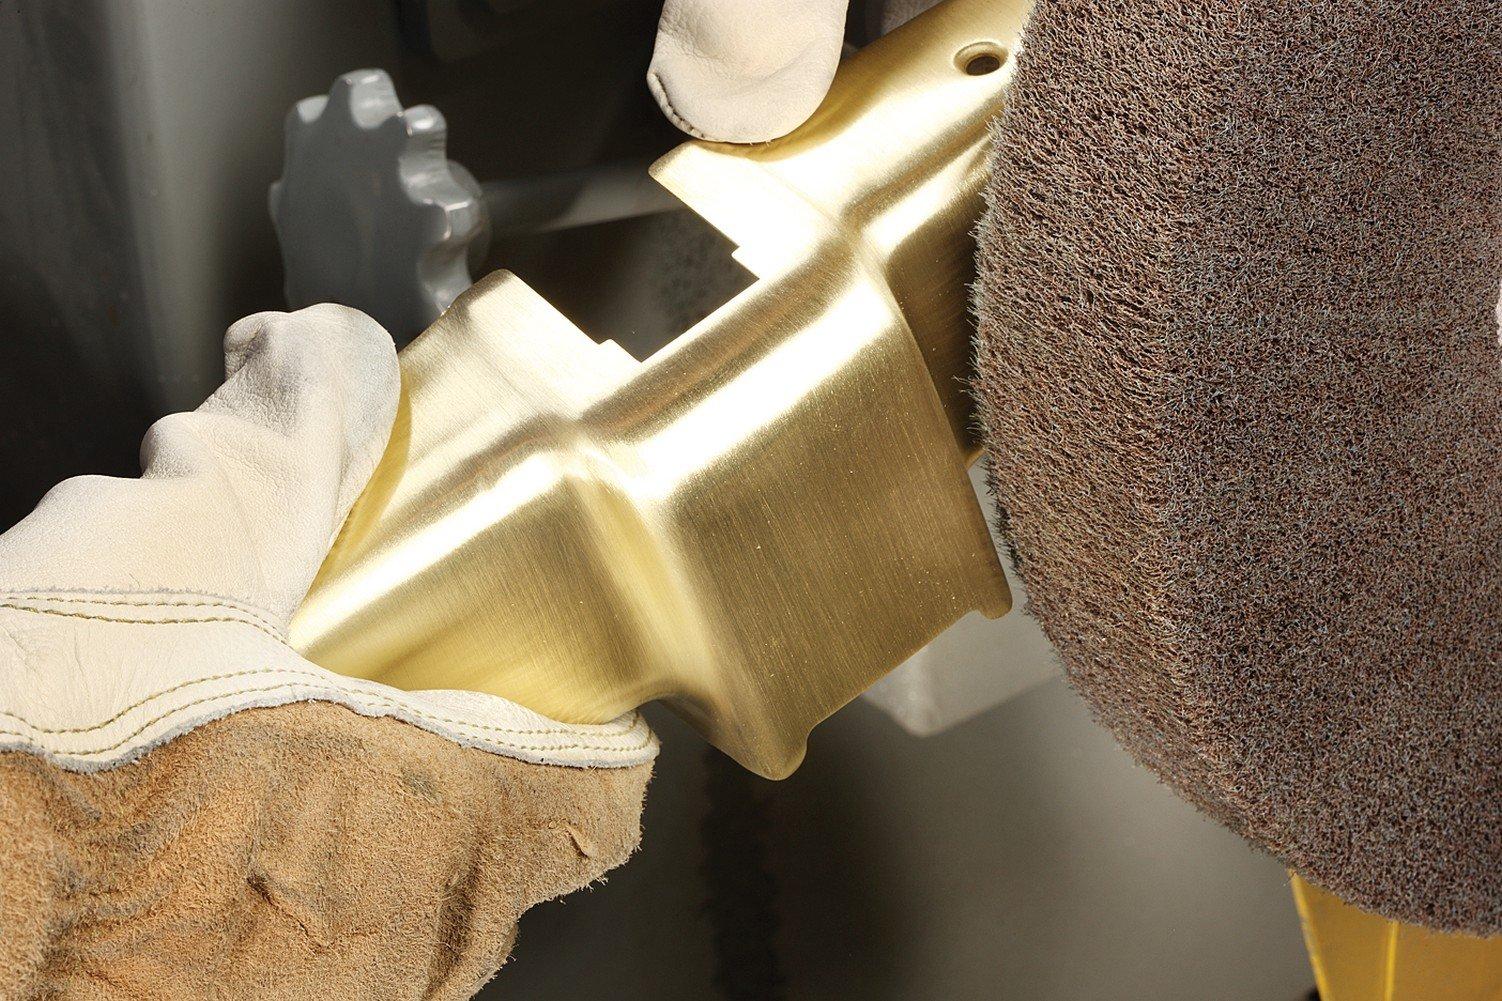 Scotch-Brite 24465 Cut and Polish Flap Brush, 8'' Diameter, Abrasive Grit, 4000 RPM, 8'' x 2'' x 3'' 5A VFN